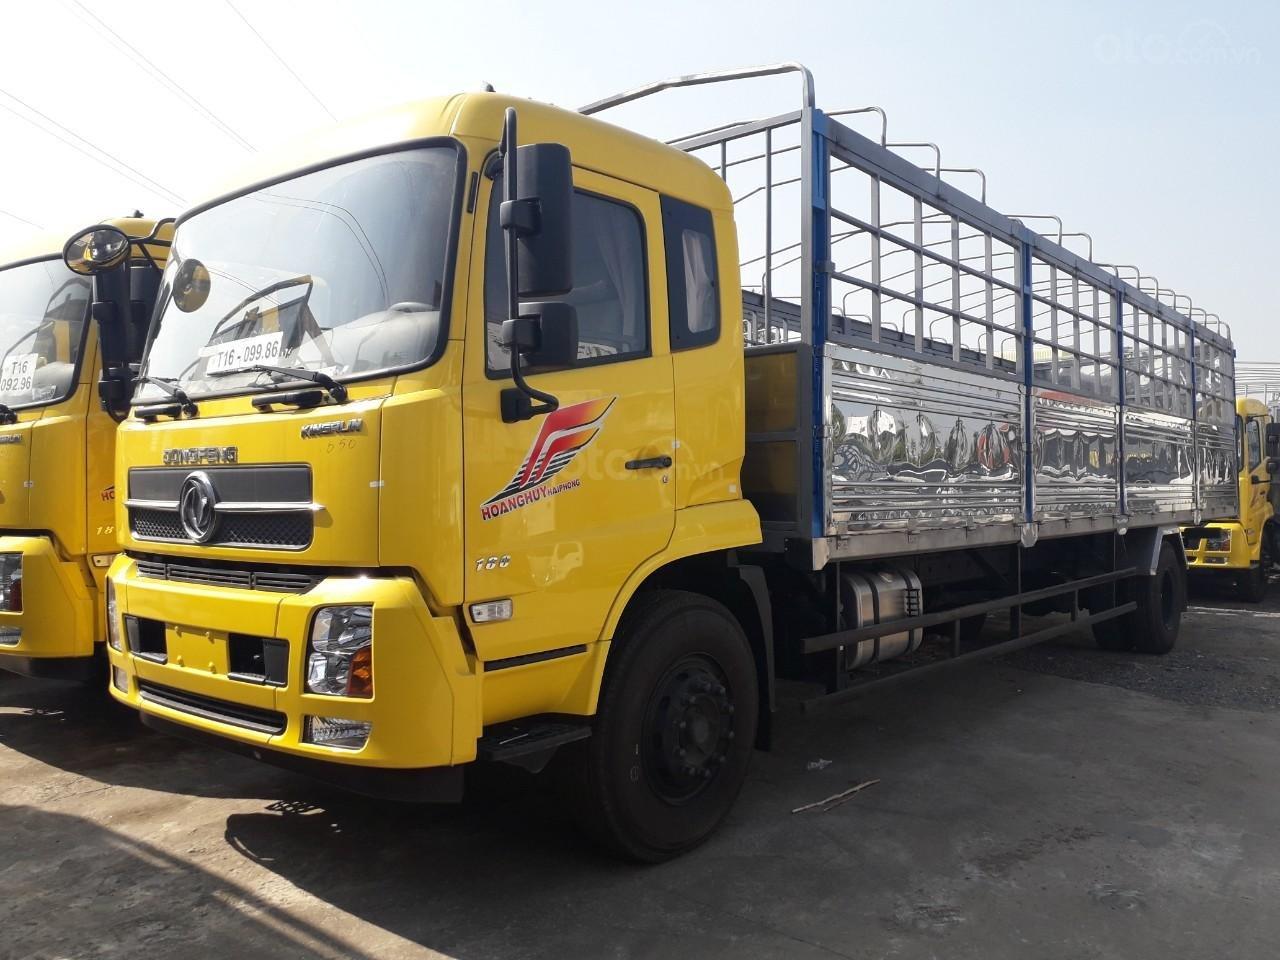 Xe tải Dongfeng 8 tấn B180 thùng dài 9m5 động cơ Cummins nhập khẩu  - hỗ trợ cho vay toàn quốc - 200tr nhận xe (1)